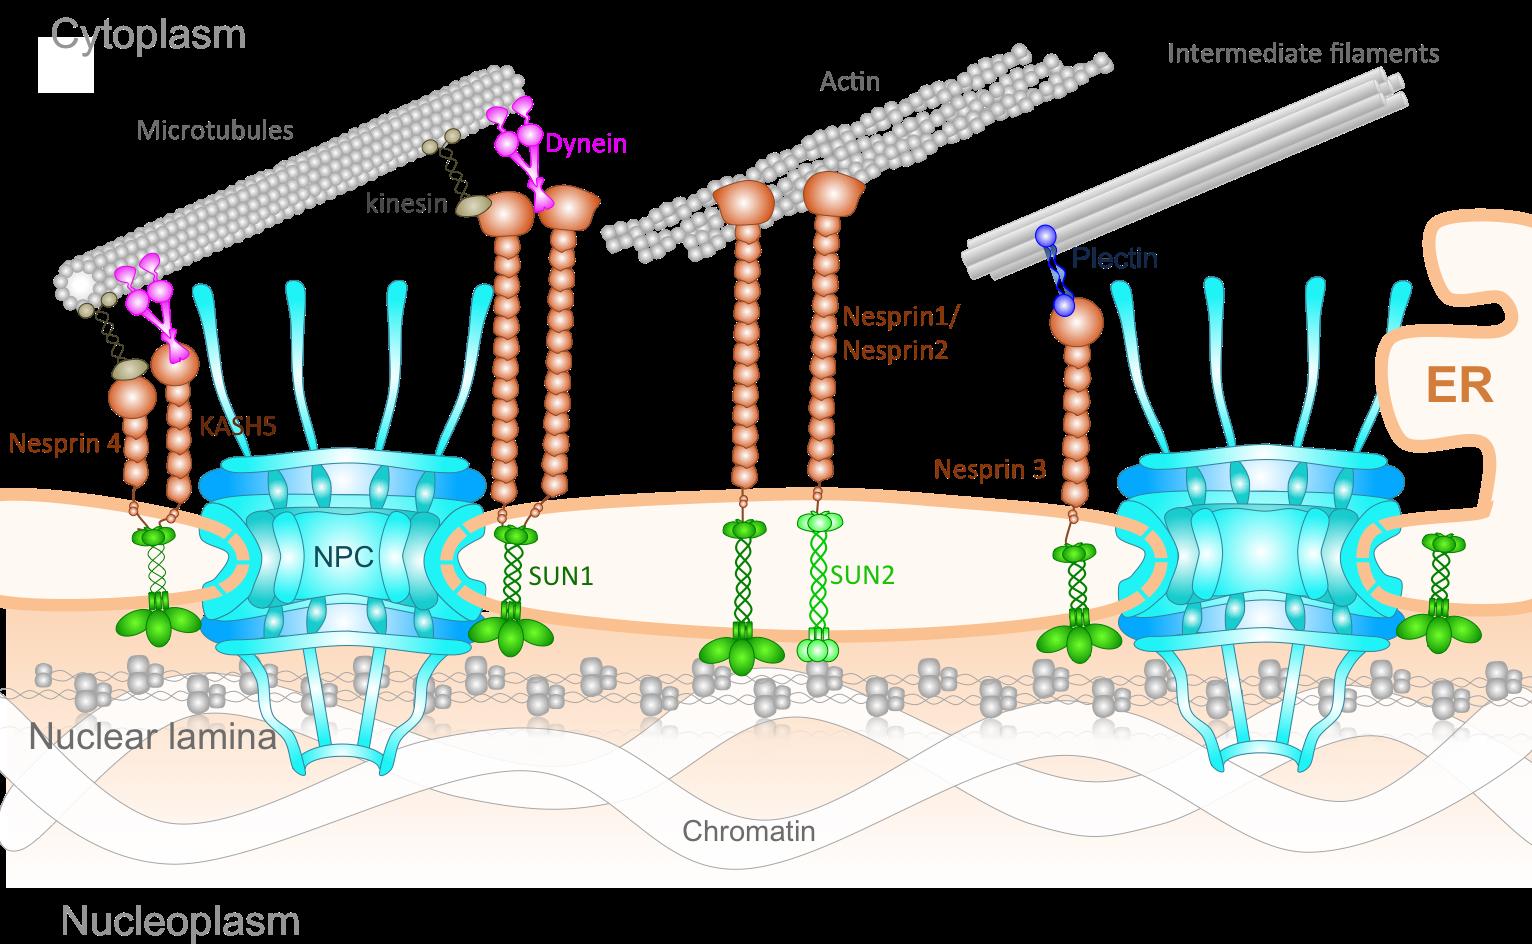 Mechanic clipart mechanical force. Research molecular cell biomechanics